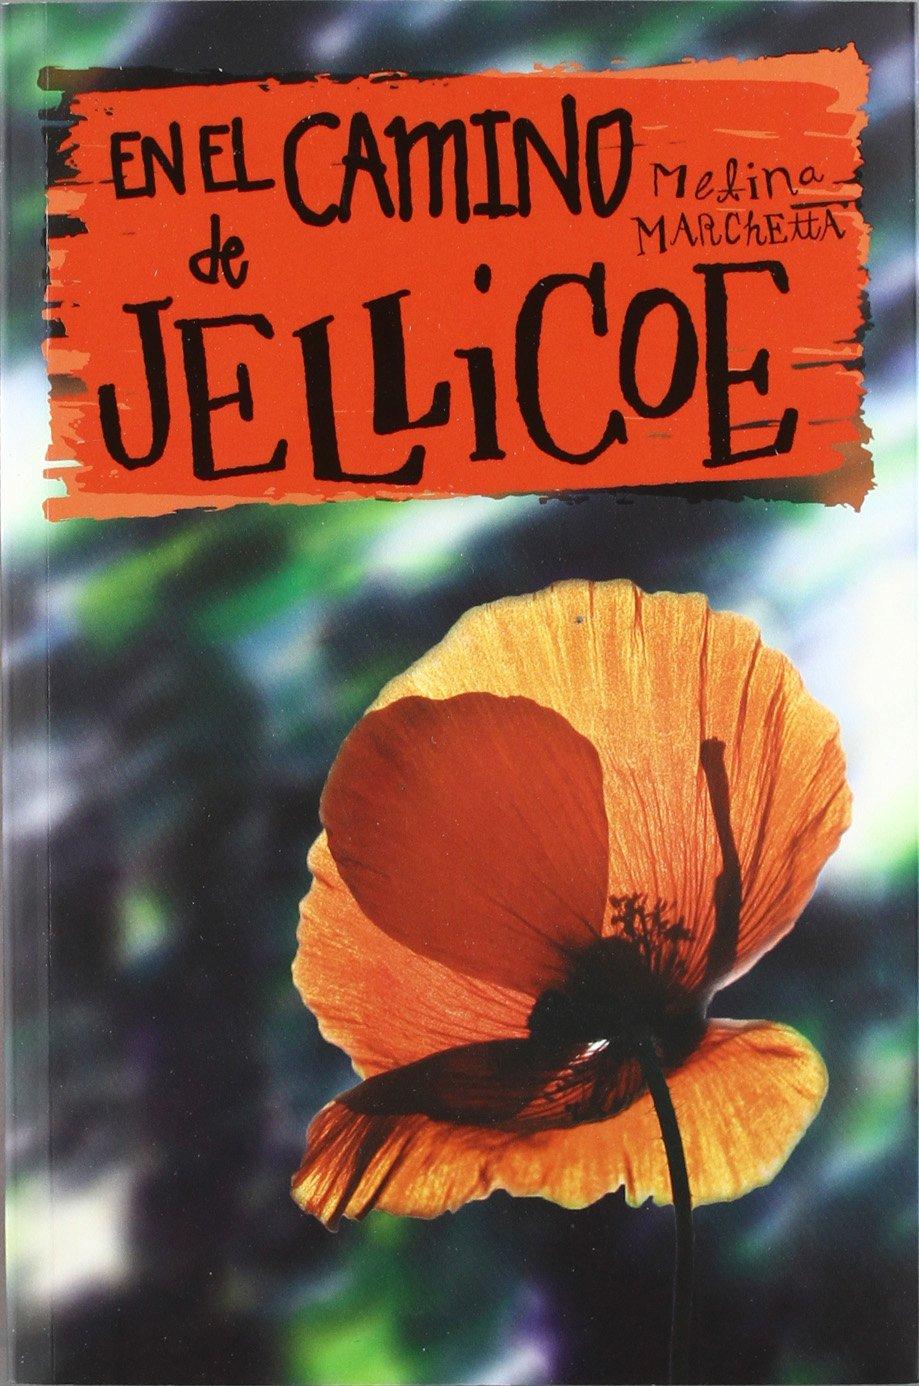 Resultado de imagen de en el camino de jellicoe